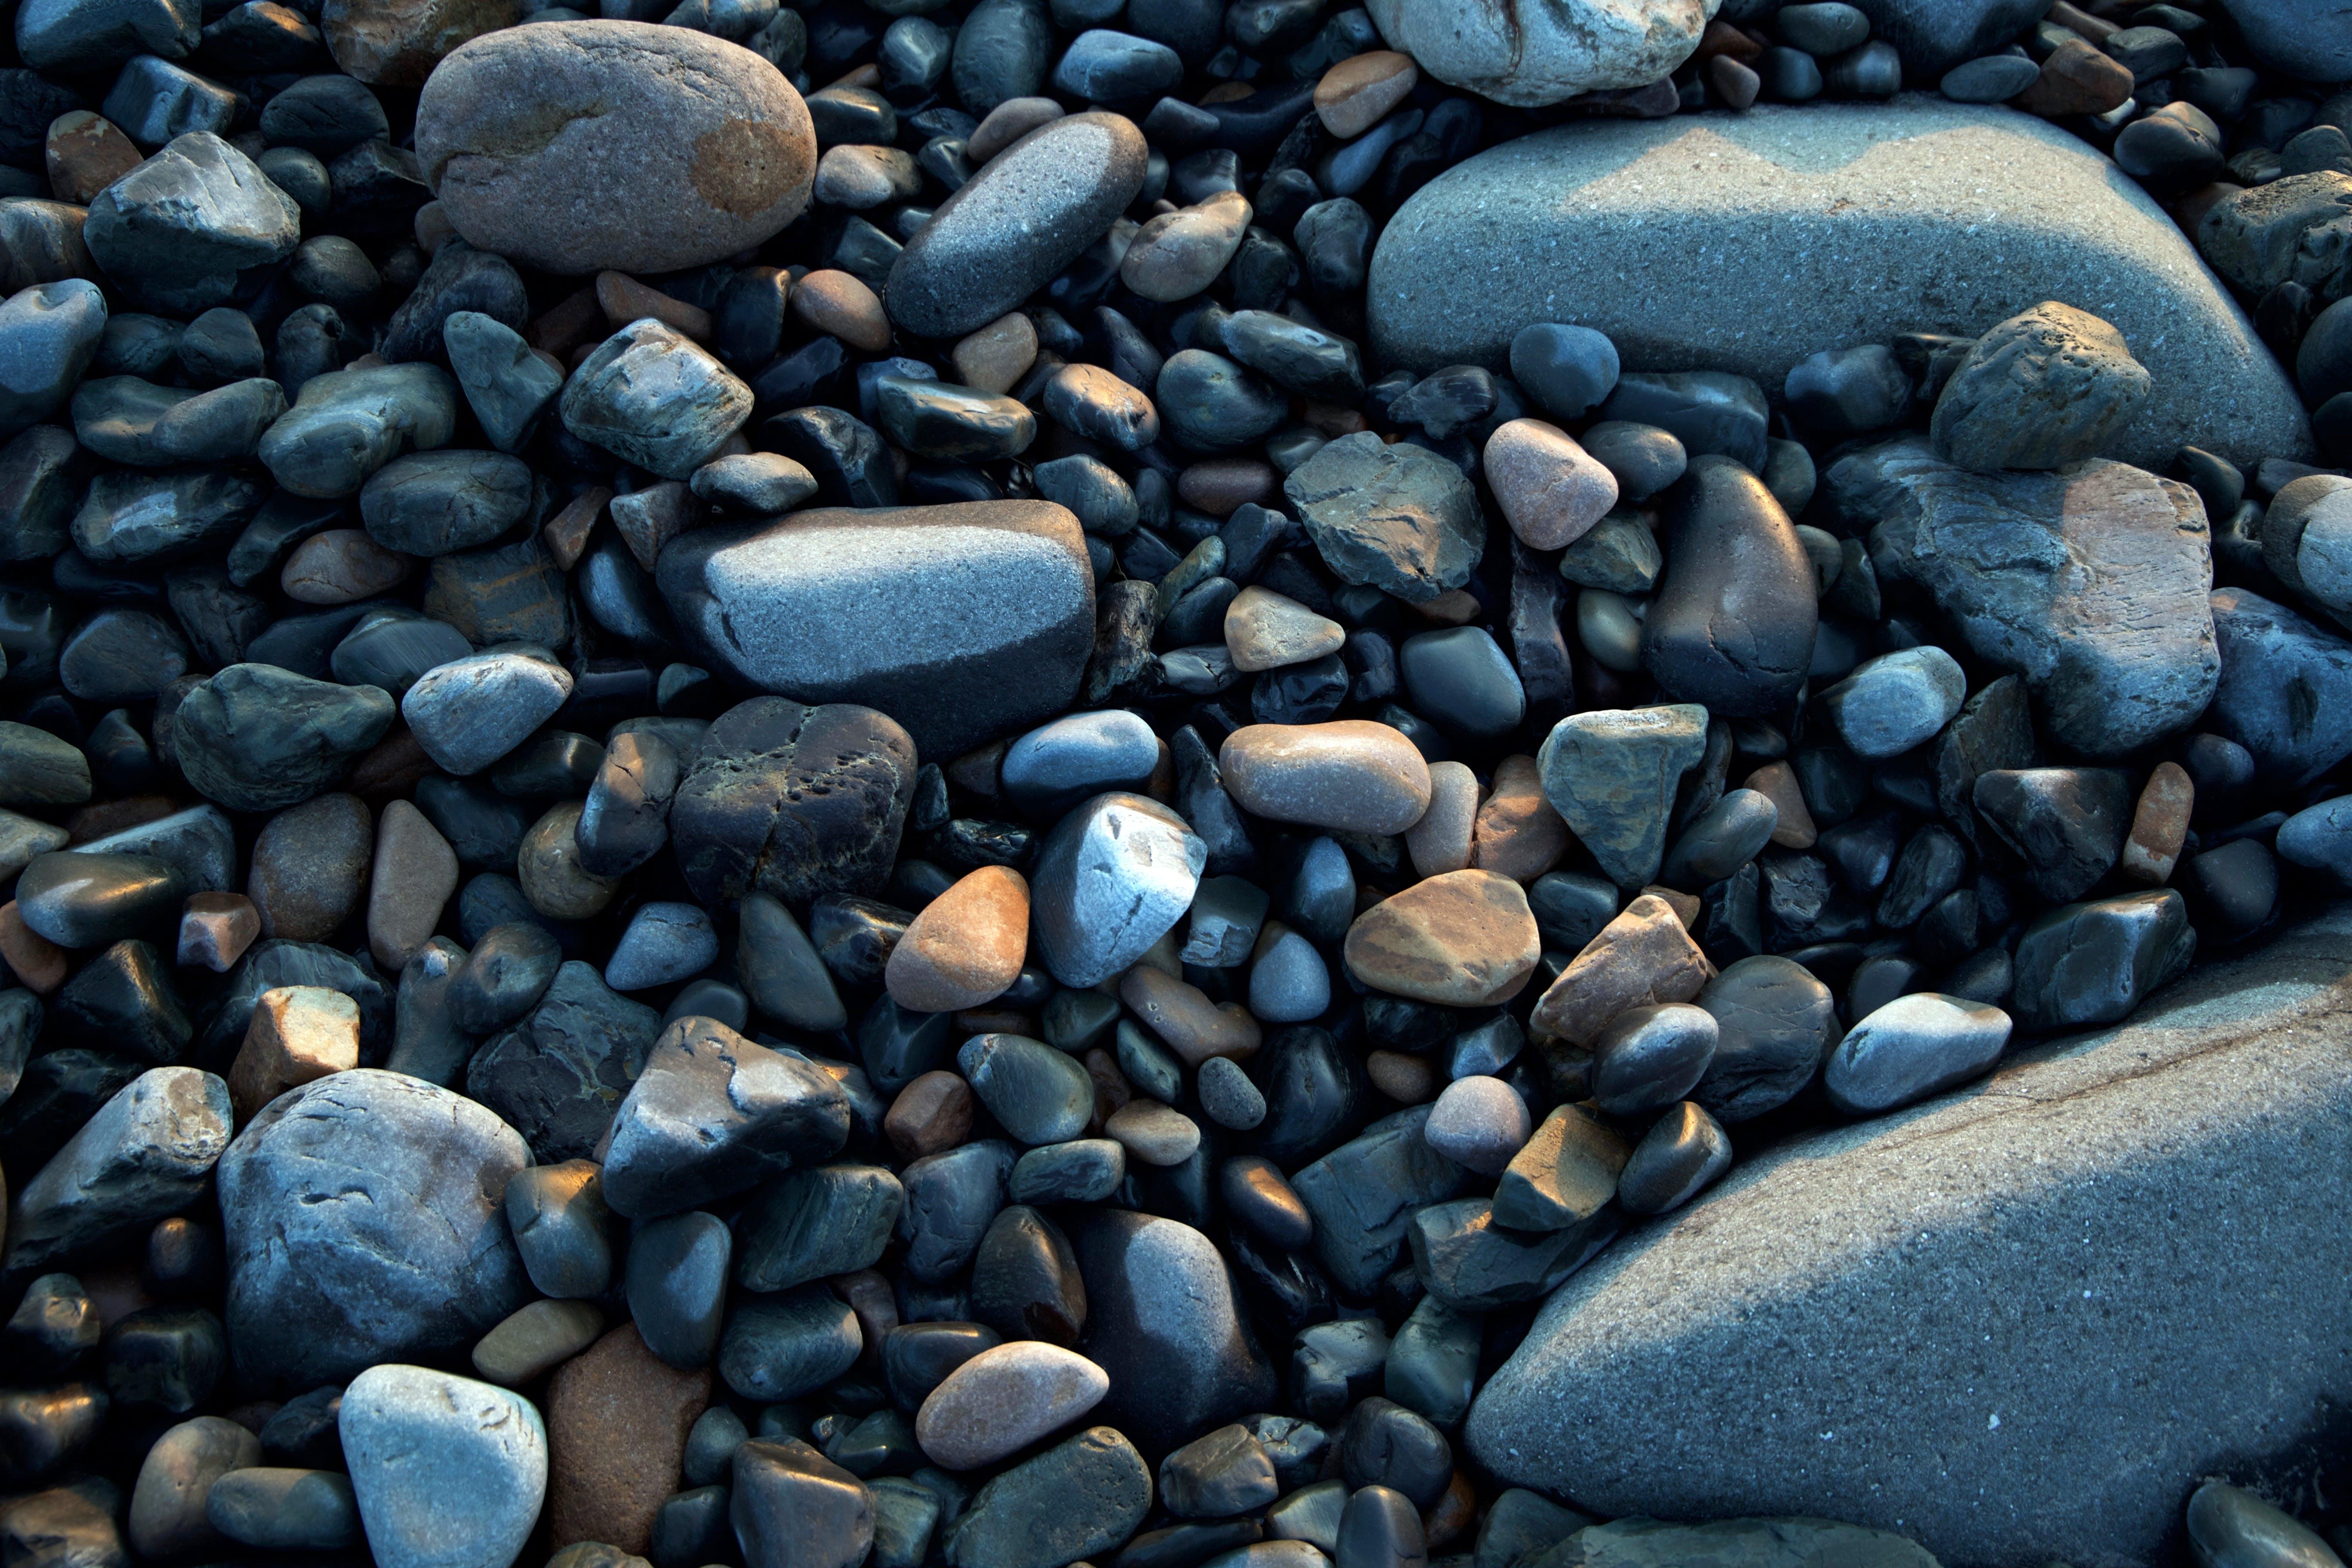 Pile of Gray Stones